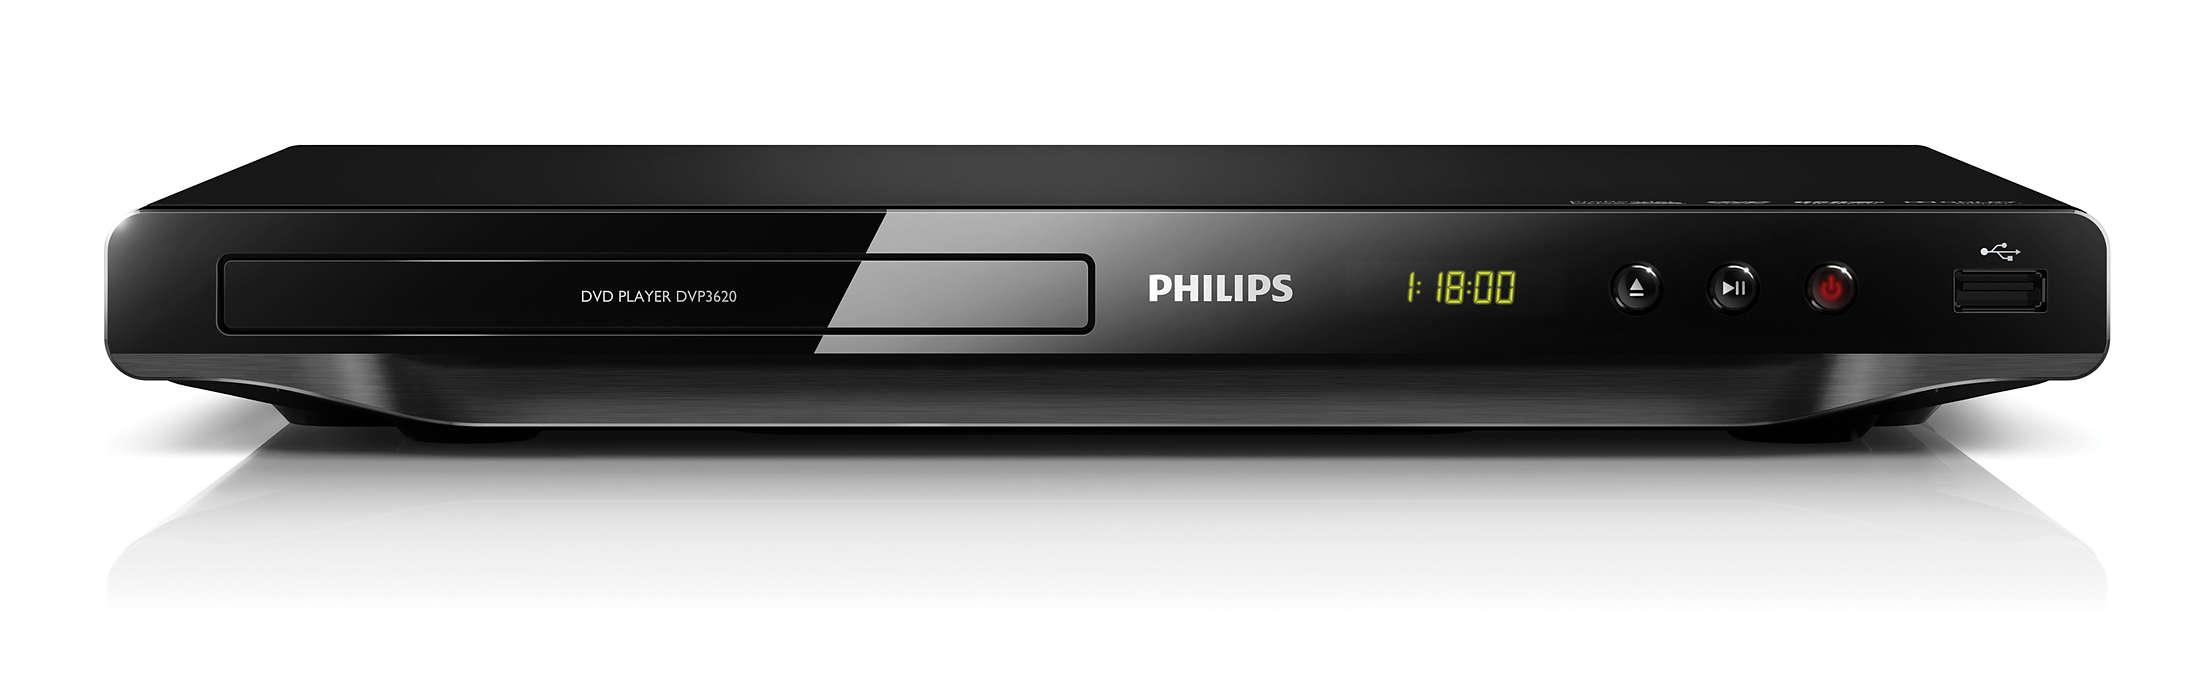 Profitez de tous vos contenus sur DVD ou USB